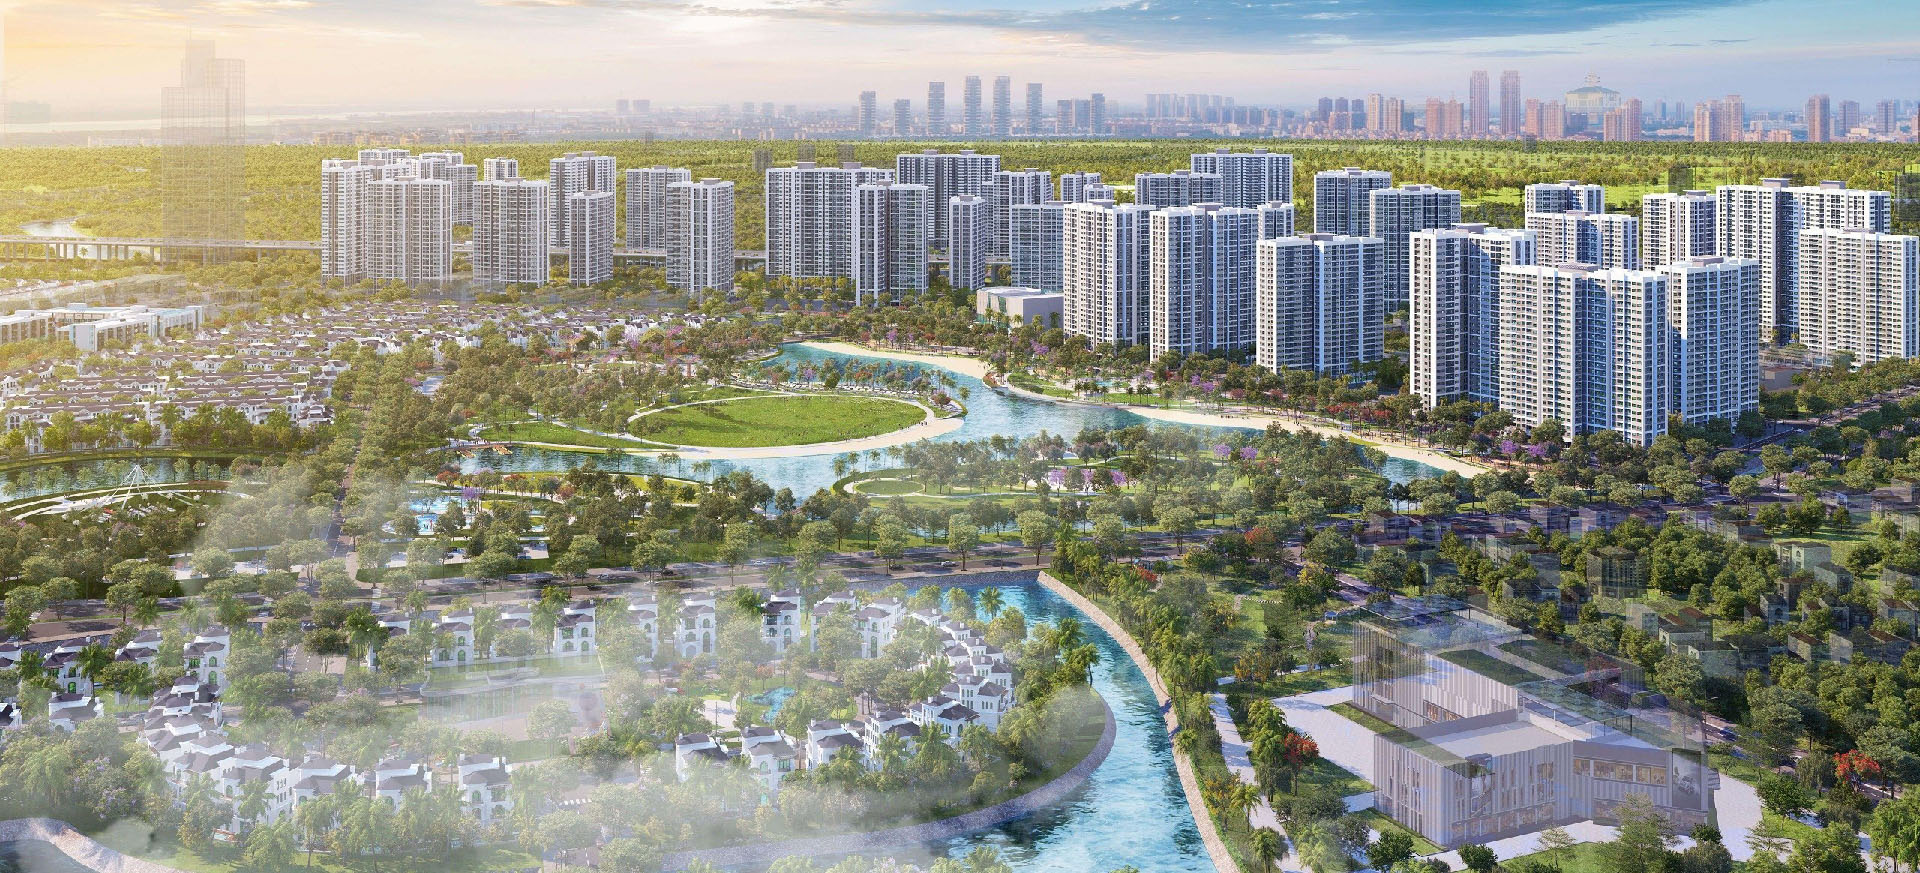 Vinhomes Grand Park - Siêu Thành Phố của Thời Đại - Đông Tây Realty